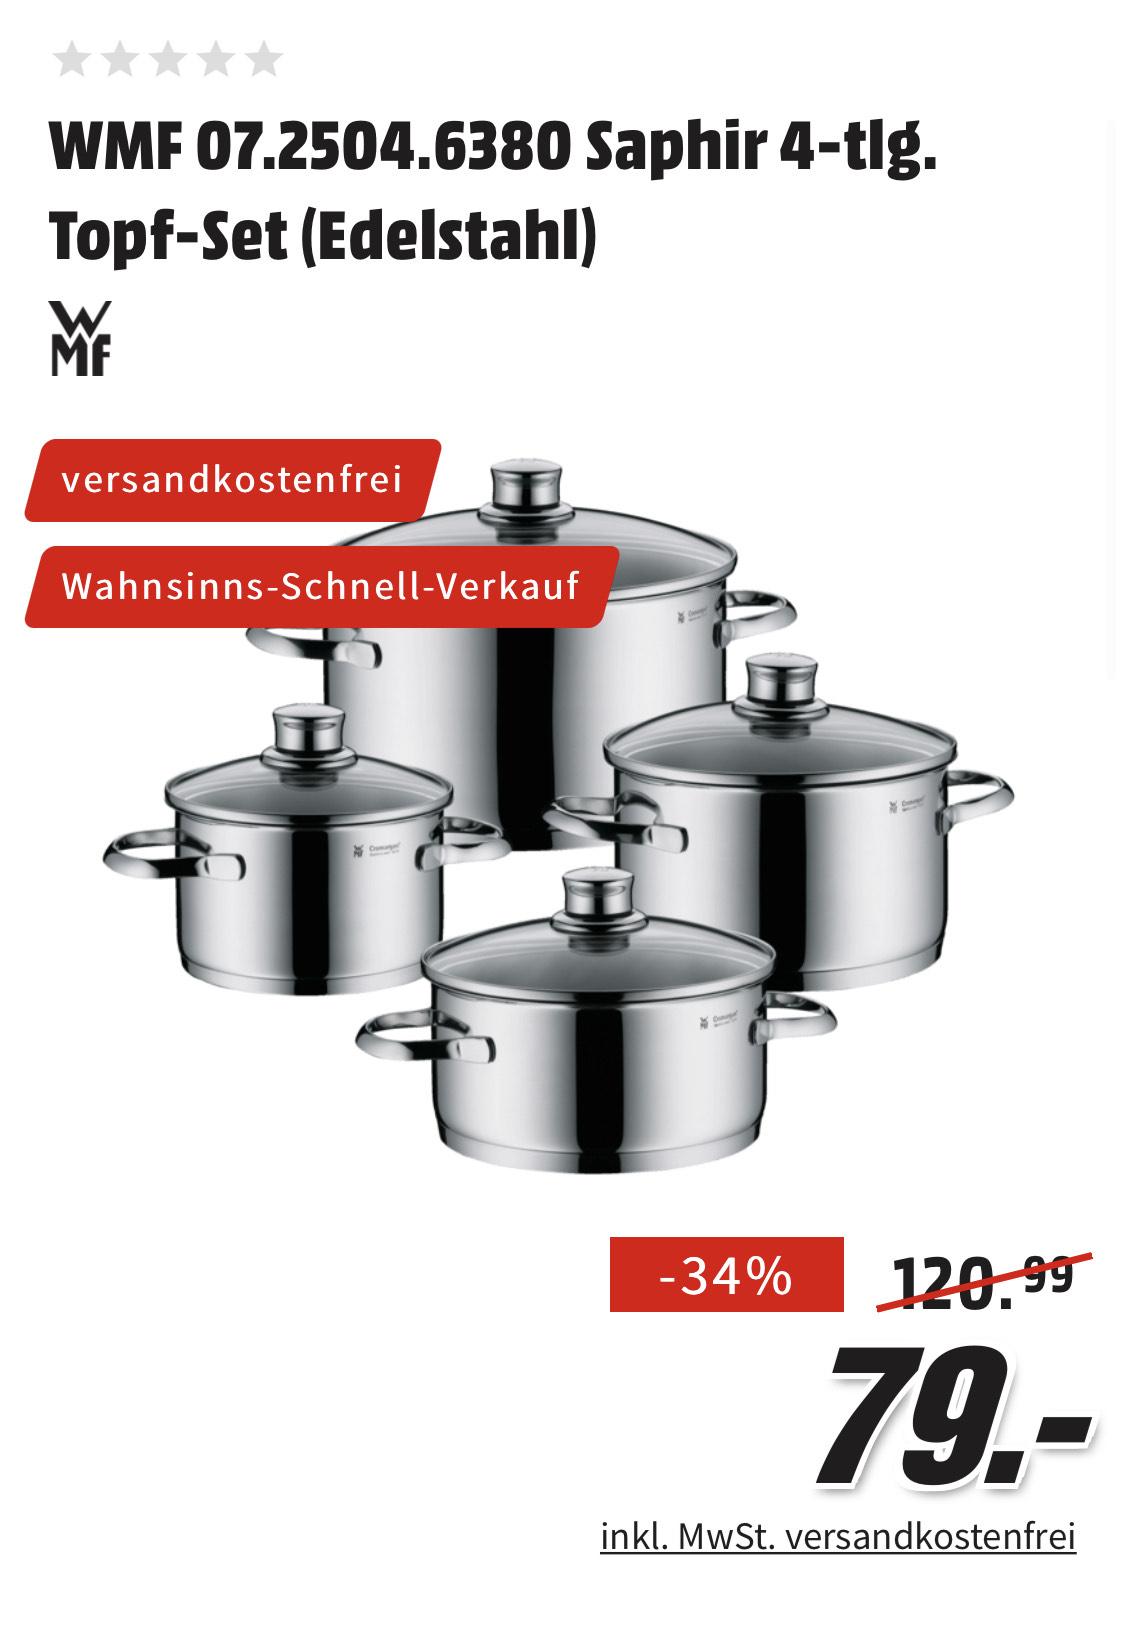 [Mediamarkt] WMF Saphir 07.2504.6380 4-teilig Topf-Set aus Edelstahl für 79,-